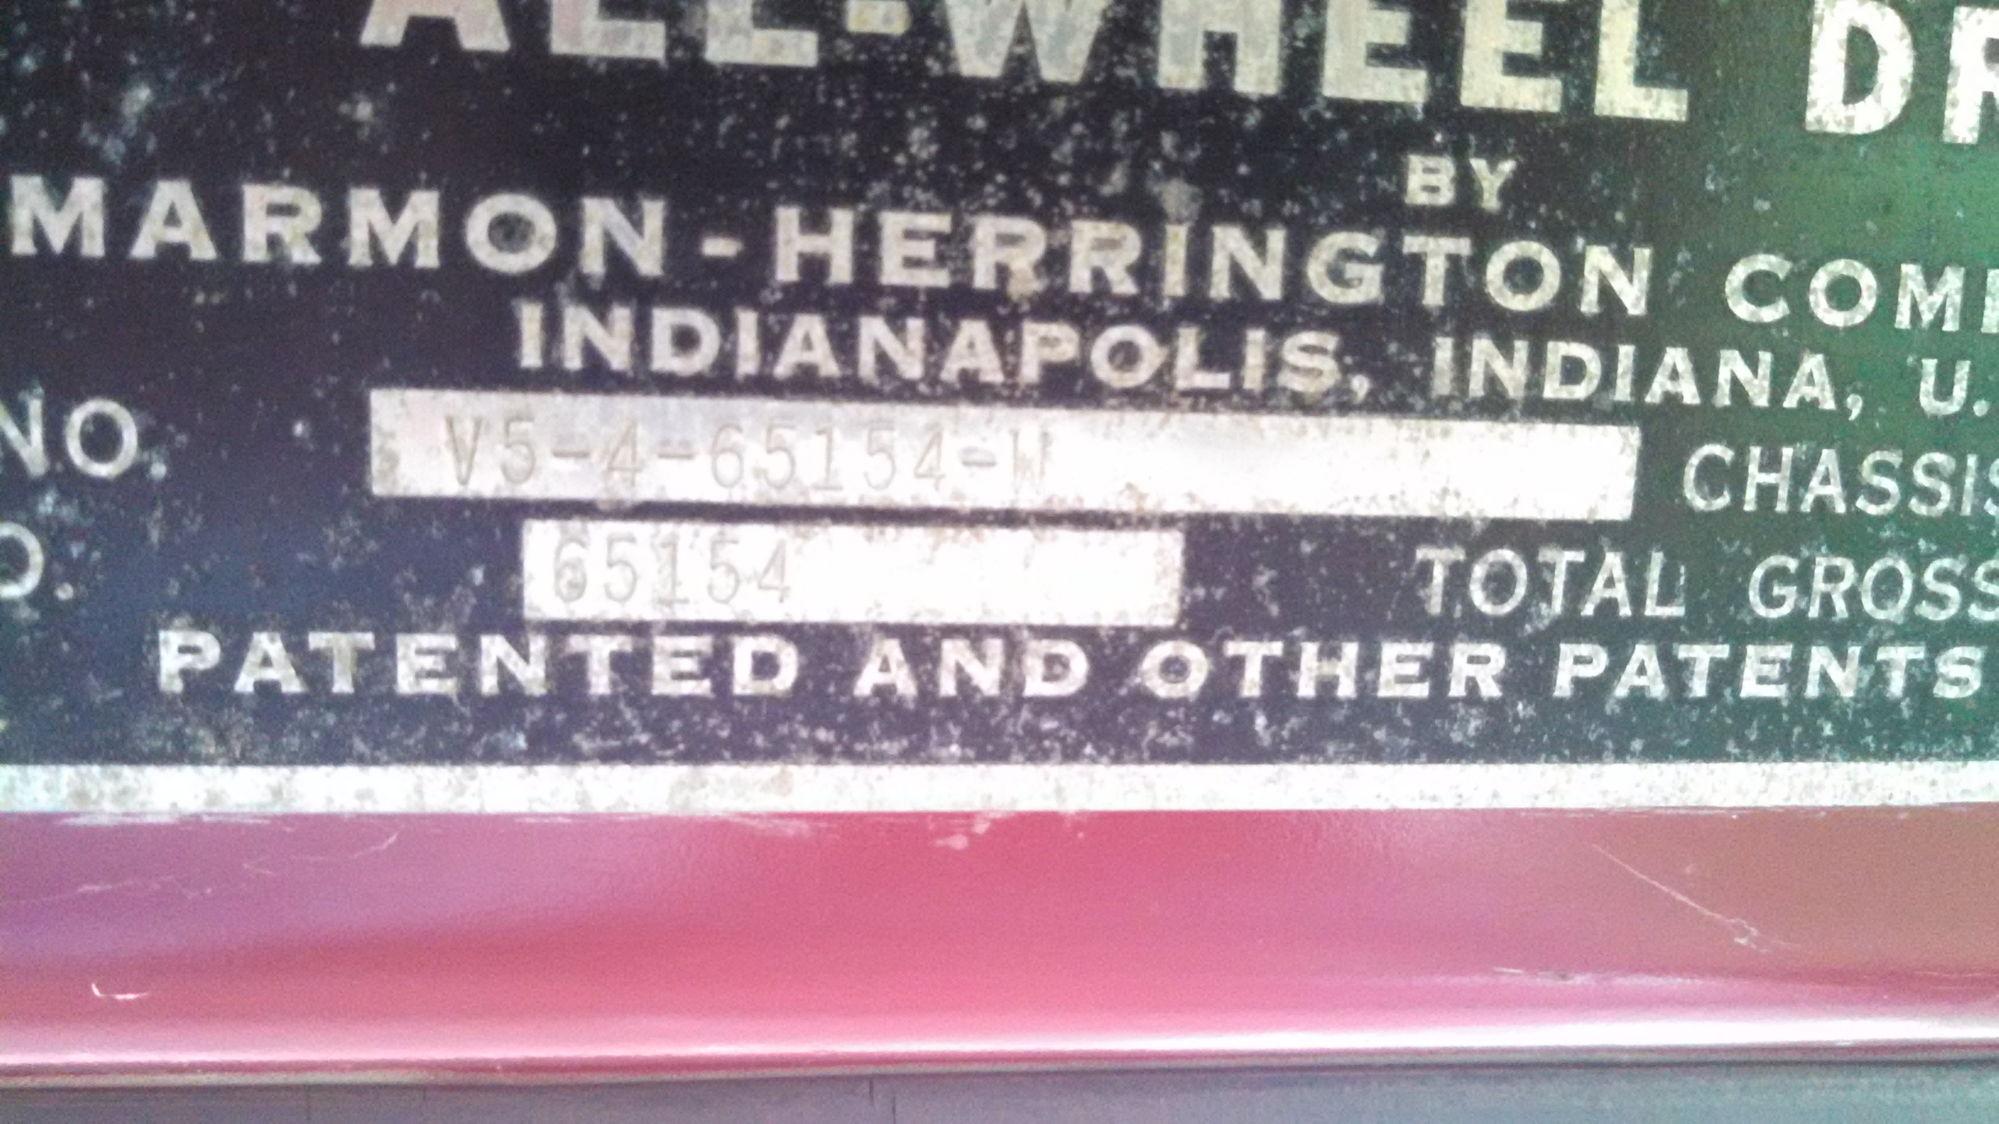 Ford Pickup Wiring Diagram on 1949 ford brake system, 47 ford wiring diagram, 1949 ford starter, 1949 ford seats, 1949 ford door, ford aerostar wiring diagram, 1949 ford rear suspension, 1936 ford wiring diagram, 1947 ford wiring diagram, 1967 ford wiring diagram, 1949 ford firing order, 1949 ford speedometer, 1926 ford wiring diagram, ford fairlane wiring diagram, ford granada wiring diagram, 1930 ford wiring diagram, ford f-series wiring diagram, 1937 ford wiring diagram, ford thunderbird wiring diagram, ford flex wiring diagram,